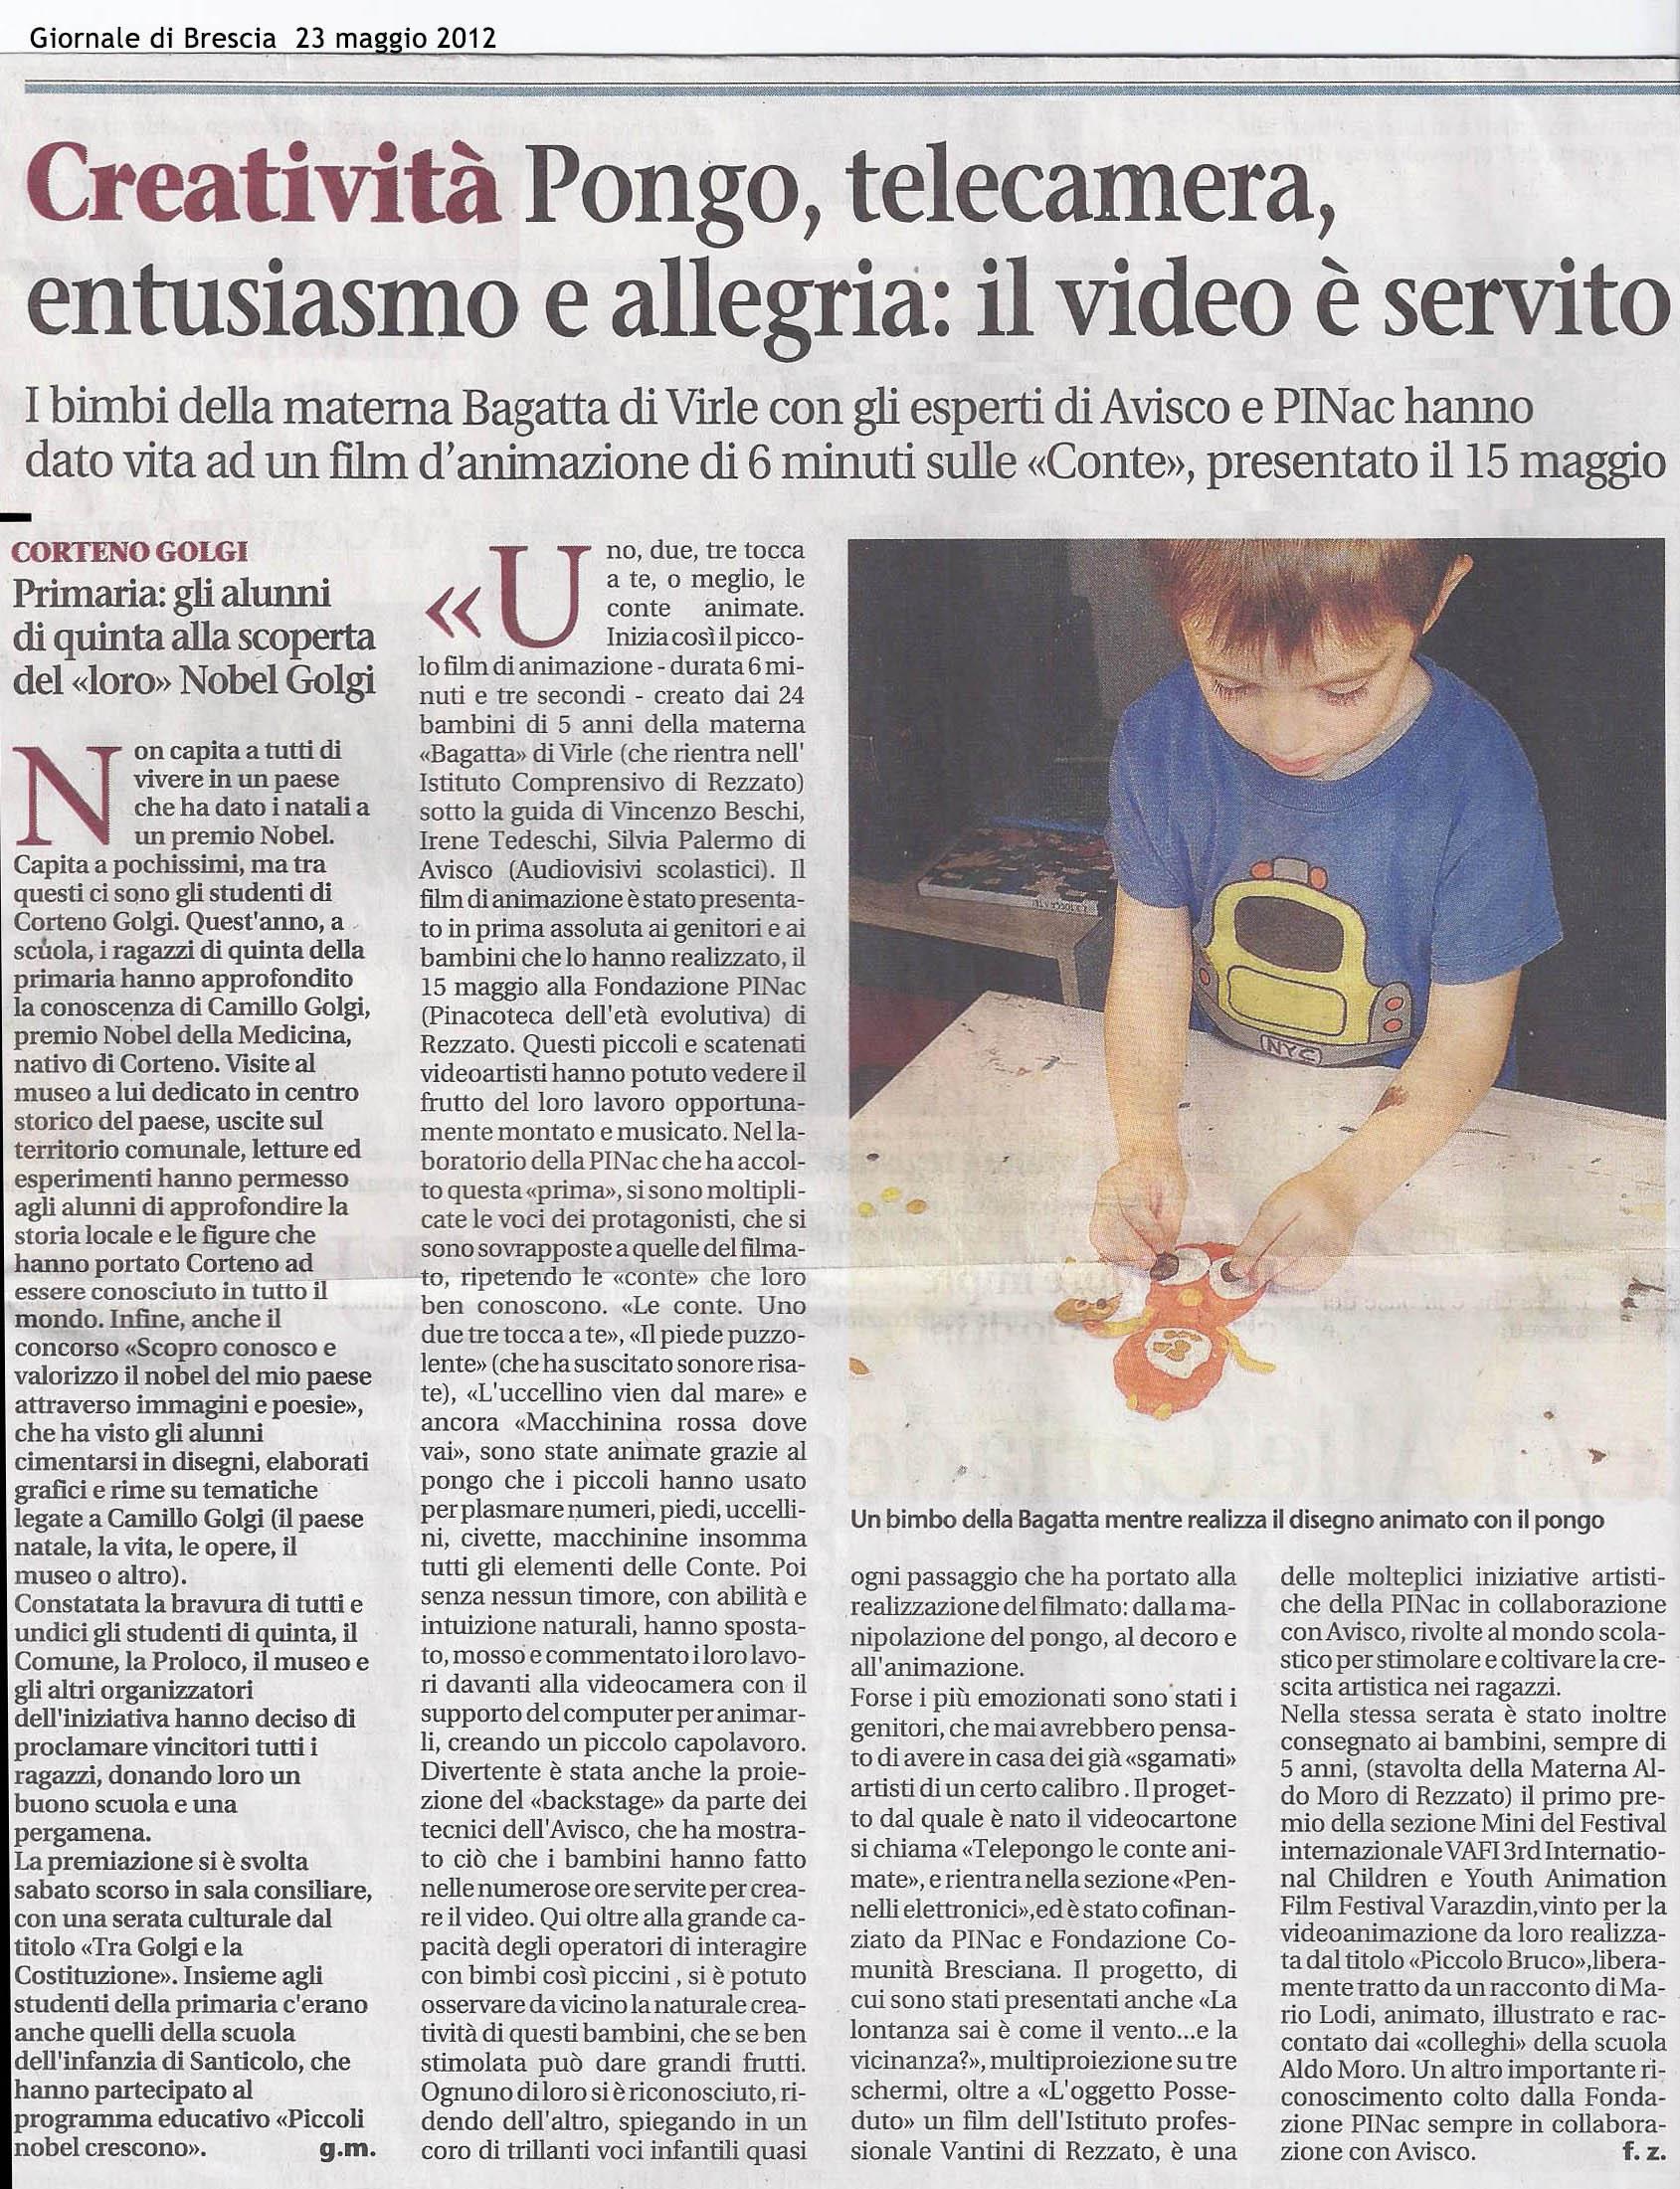 Giornale di Brescia 23 maggio 2012